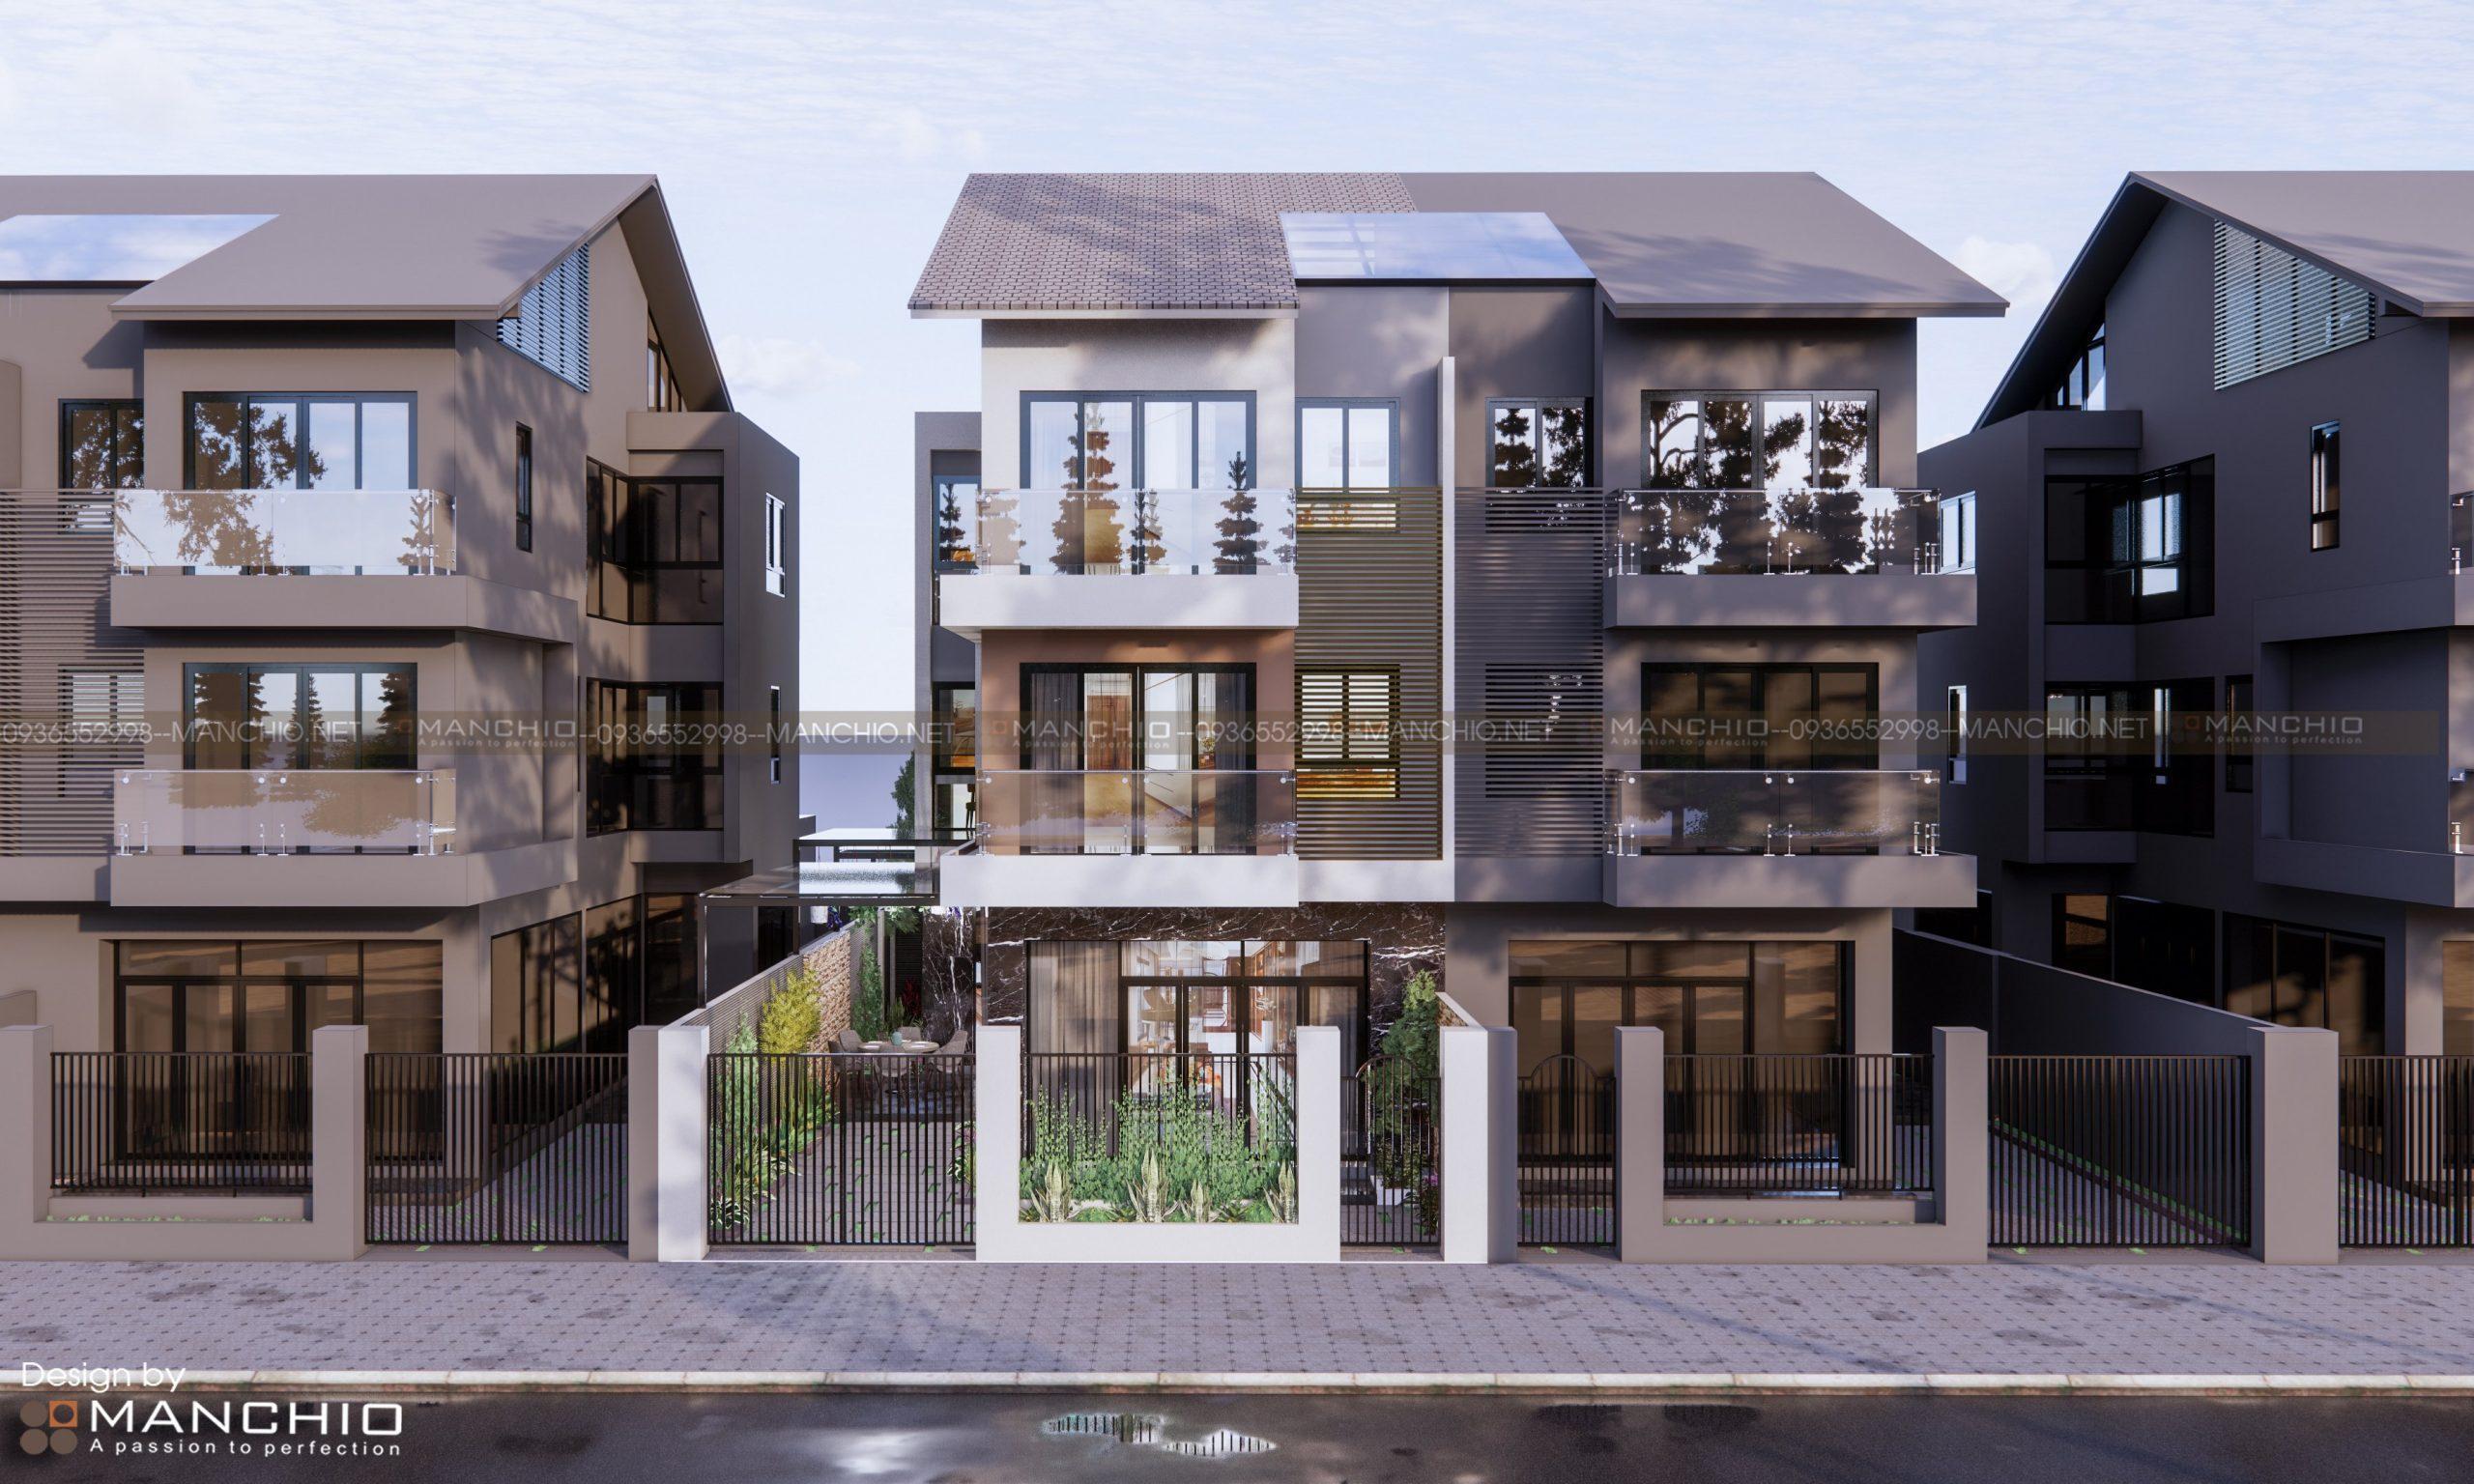 Thiết kế kiến trúc / nội thất biệt thự Dương Nội nhà chị Ngọc